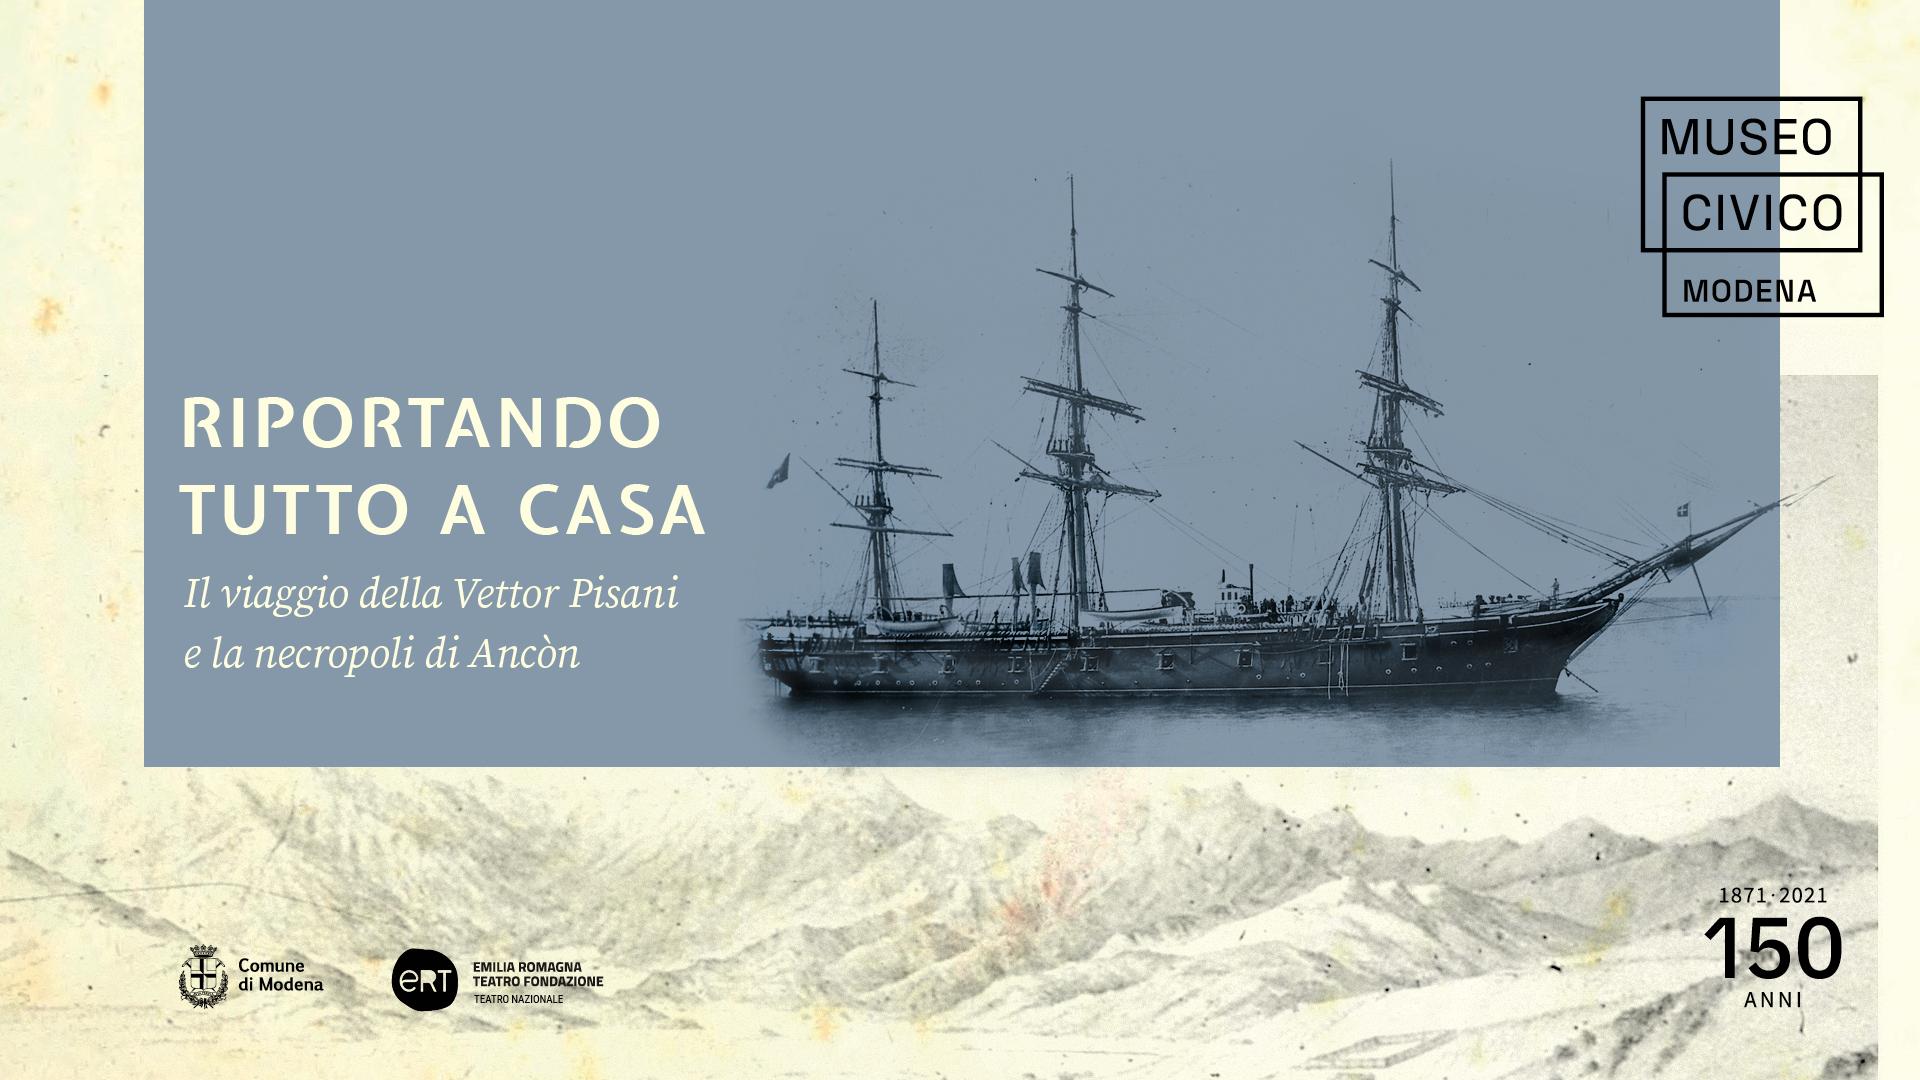 http://www.icom-italia.org/wp-content/uploads/wpforms/10320-faf7ed92f83be88bc622f726ed042c0c/Museo-Civico-Modena-10-aprile-2-f49e202919eebbe10961f0be84e4c384.jpg